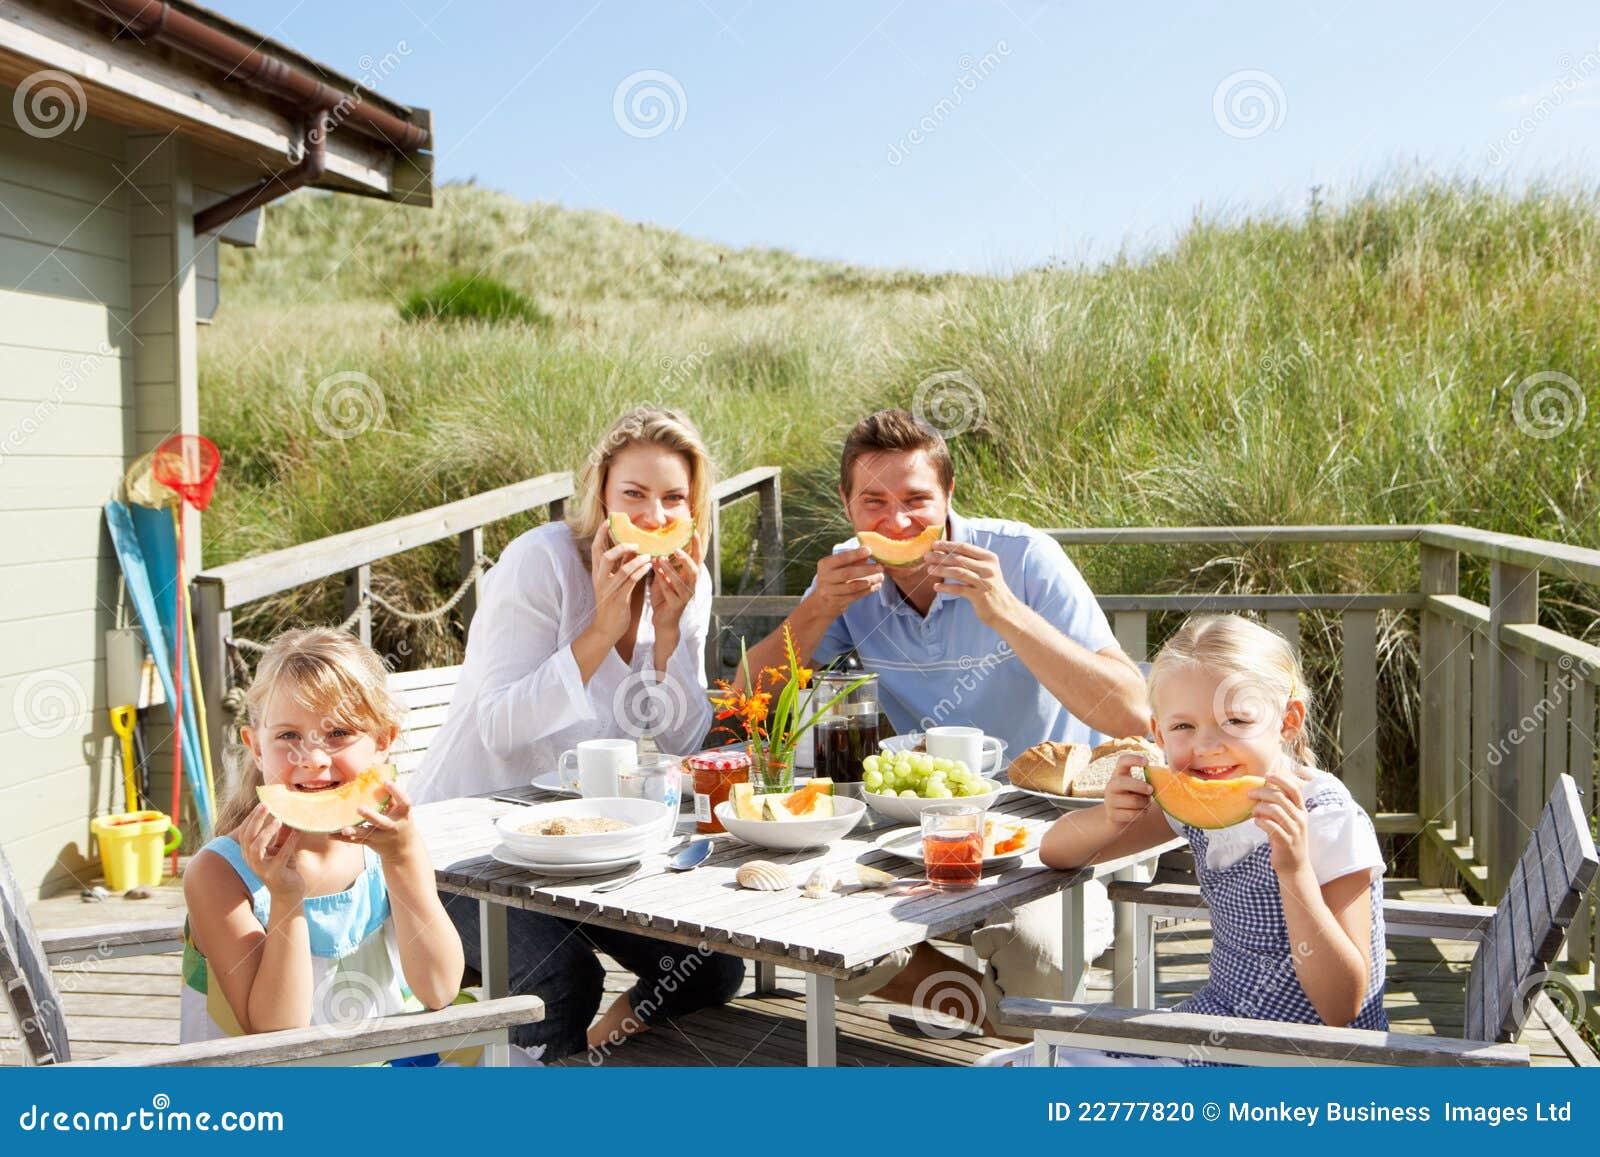 Familie auf Ferien draußen essend